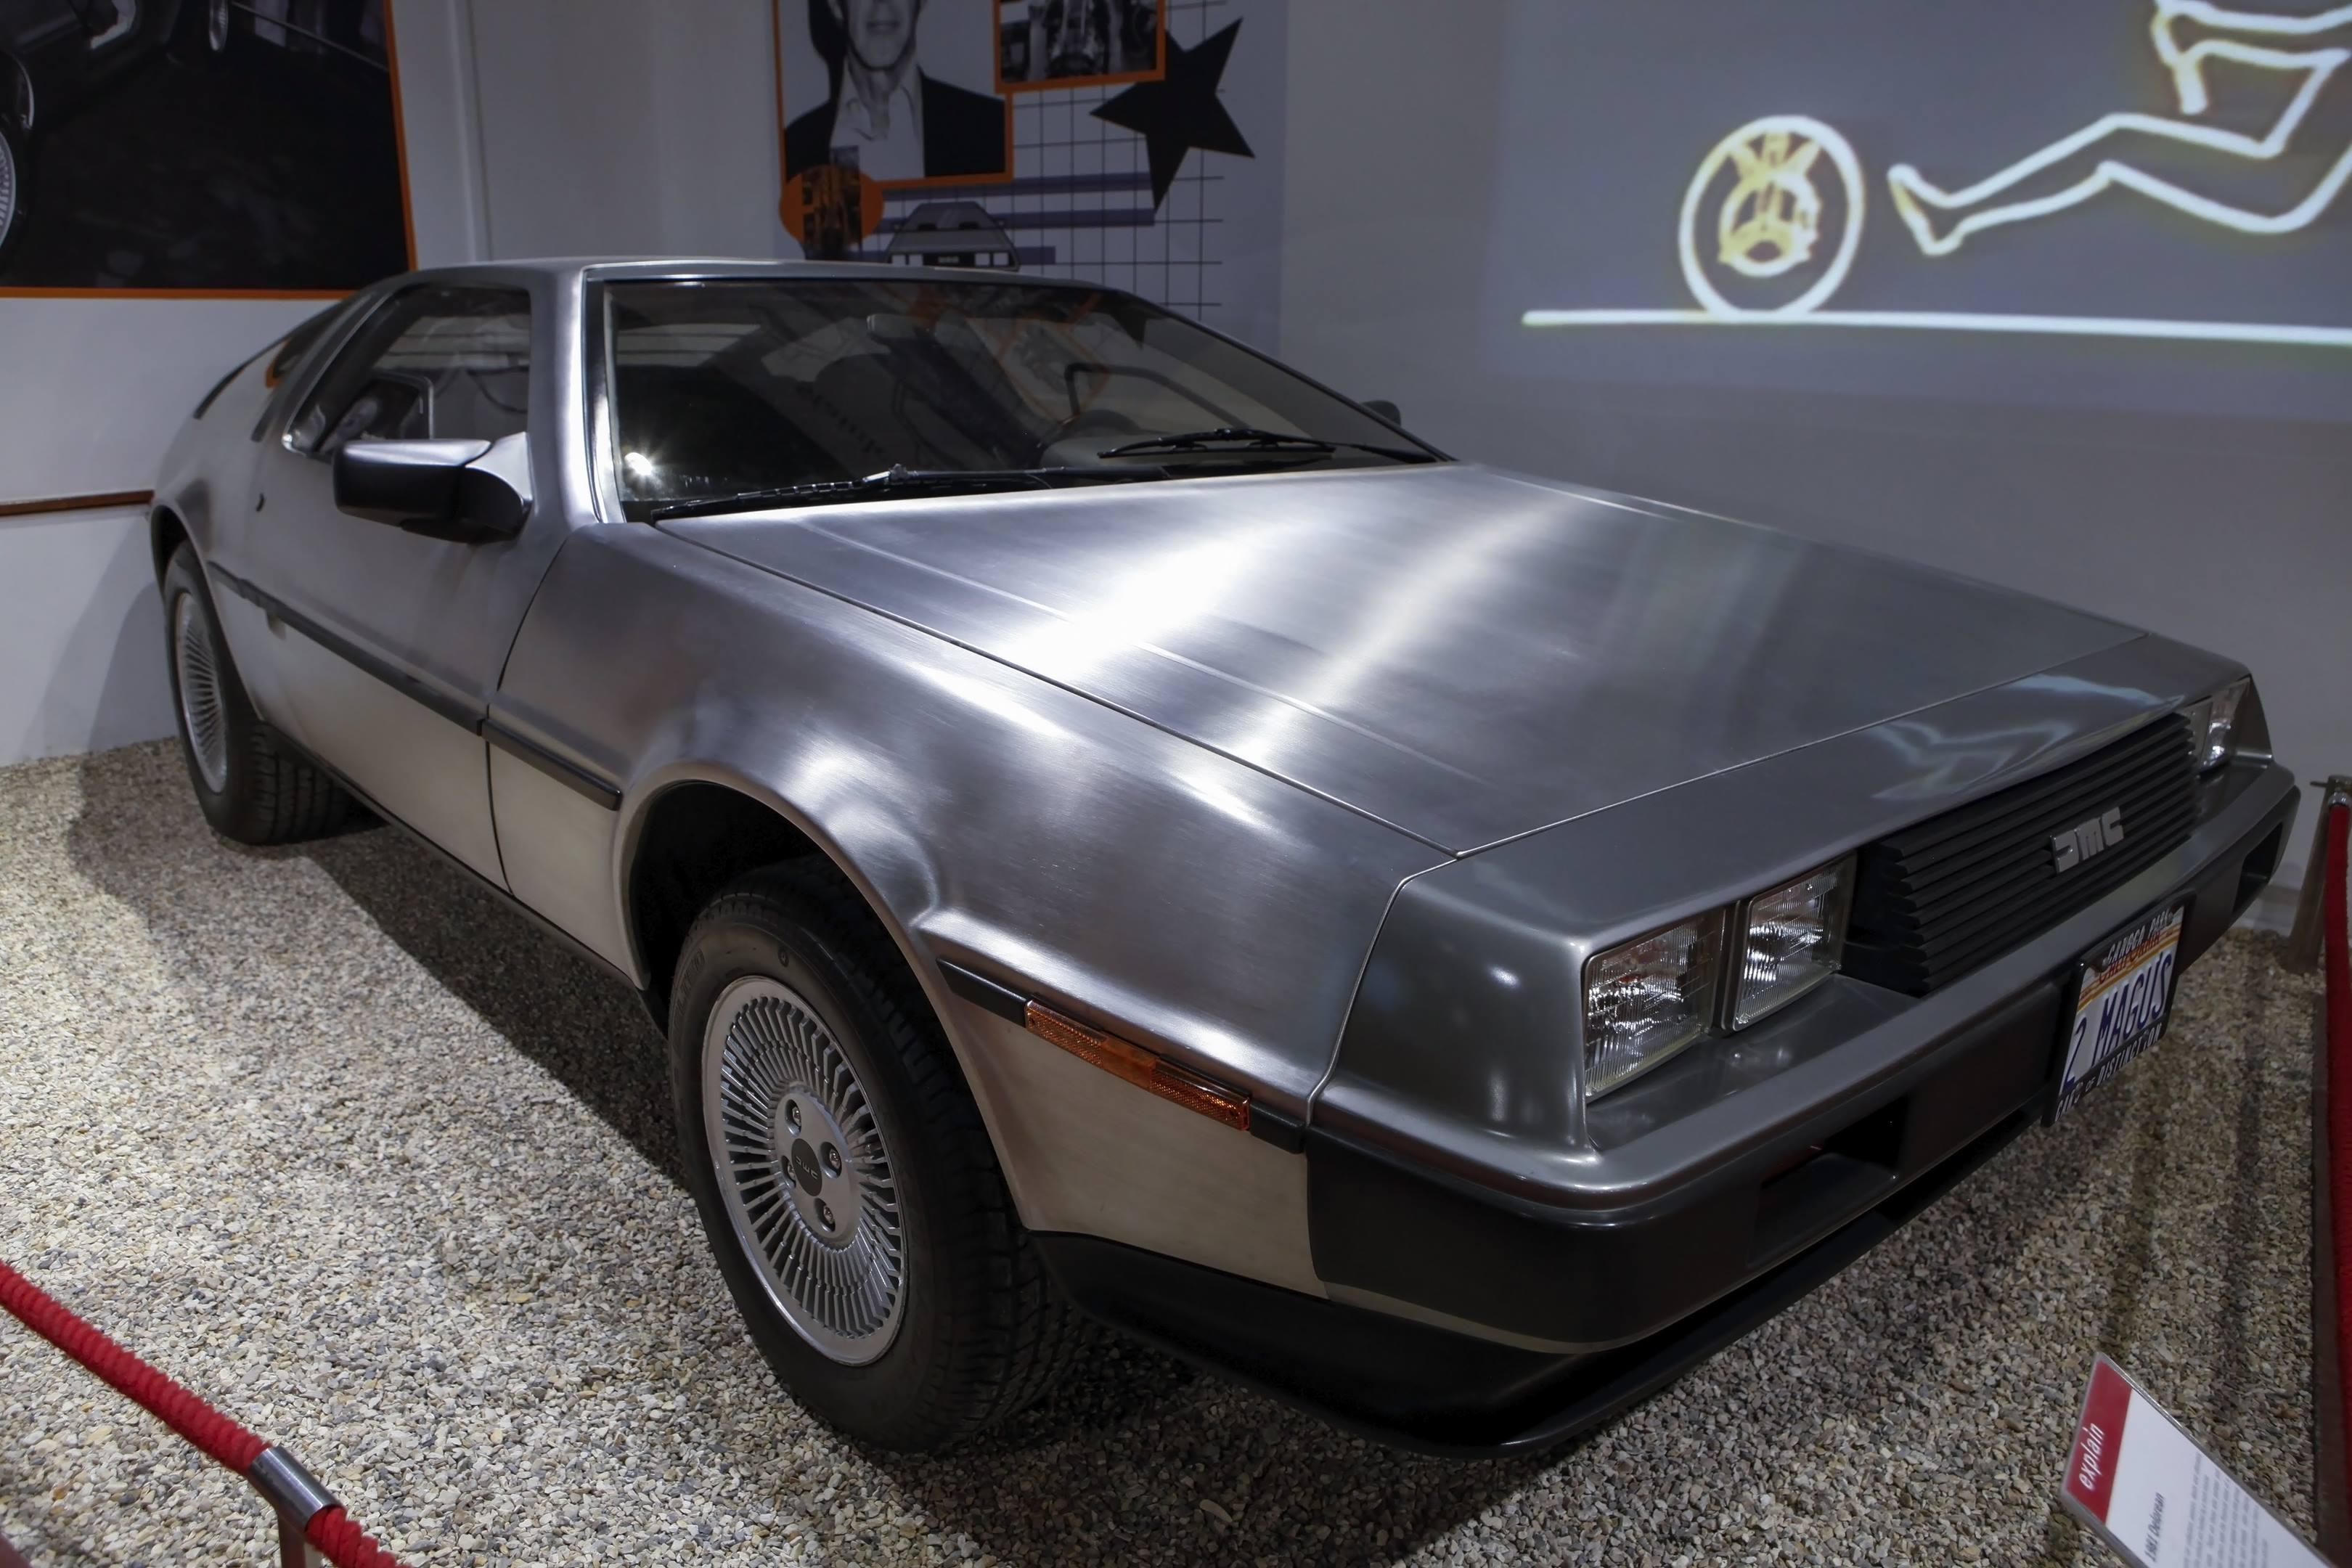 DeLorean DMC-12 at the Haynes International Motor Museum